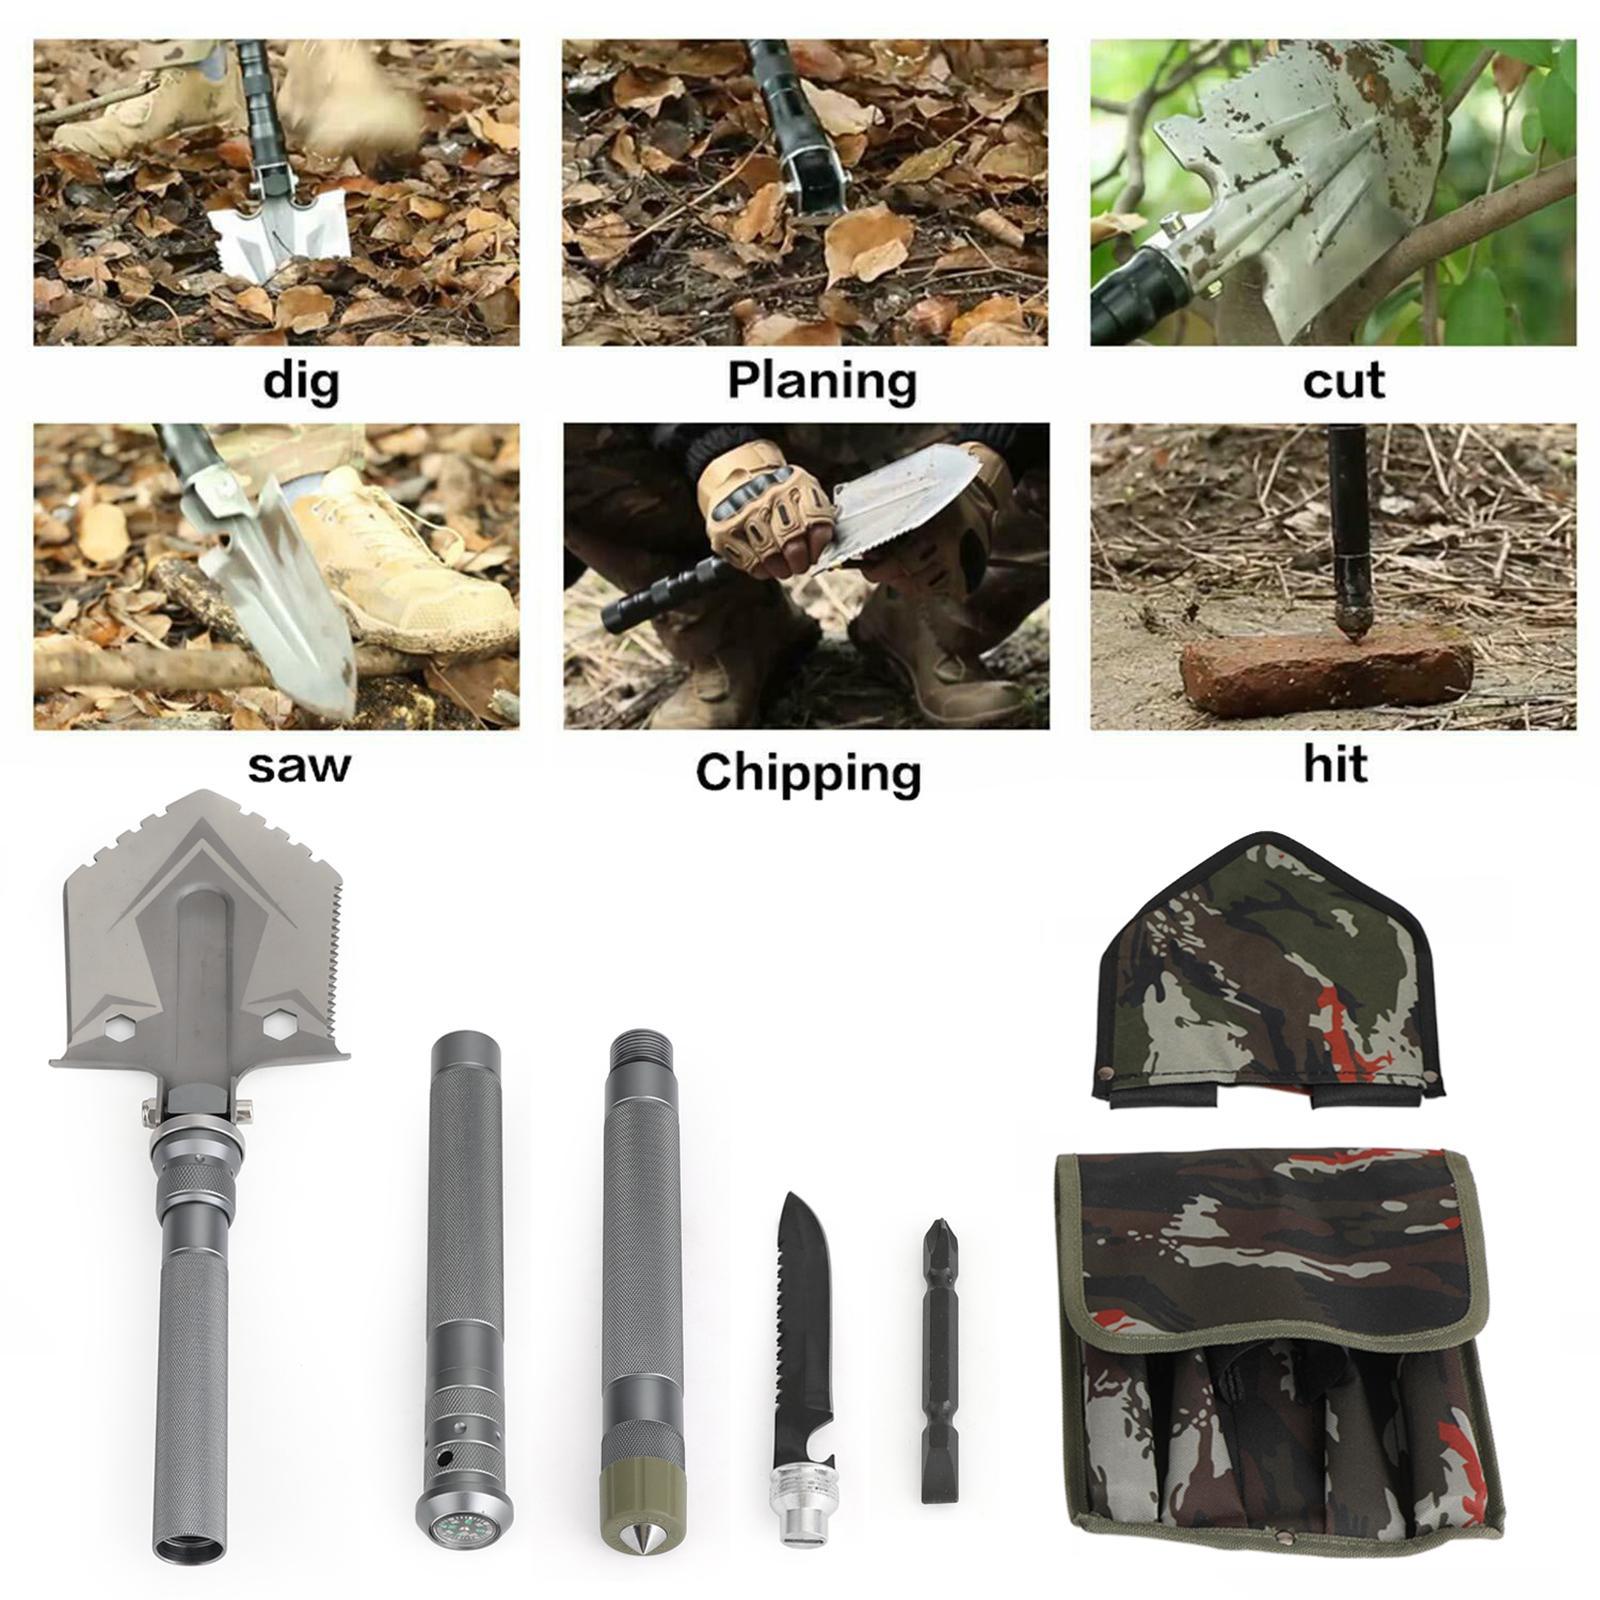 ABD Hisse Senedi Katlanır Kürekler Kamp Survival Spade Kürek Seti Fit Yürüyüş Avcılık Taktik Ekipman Aksesuarları Parçaları